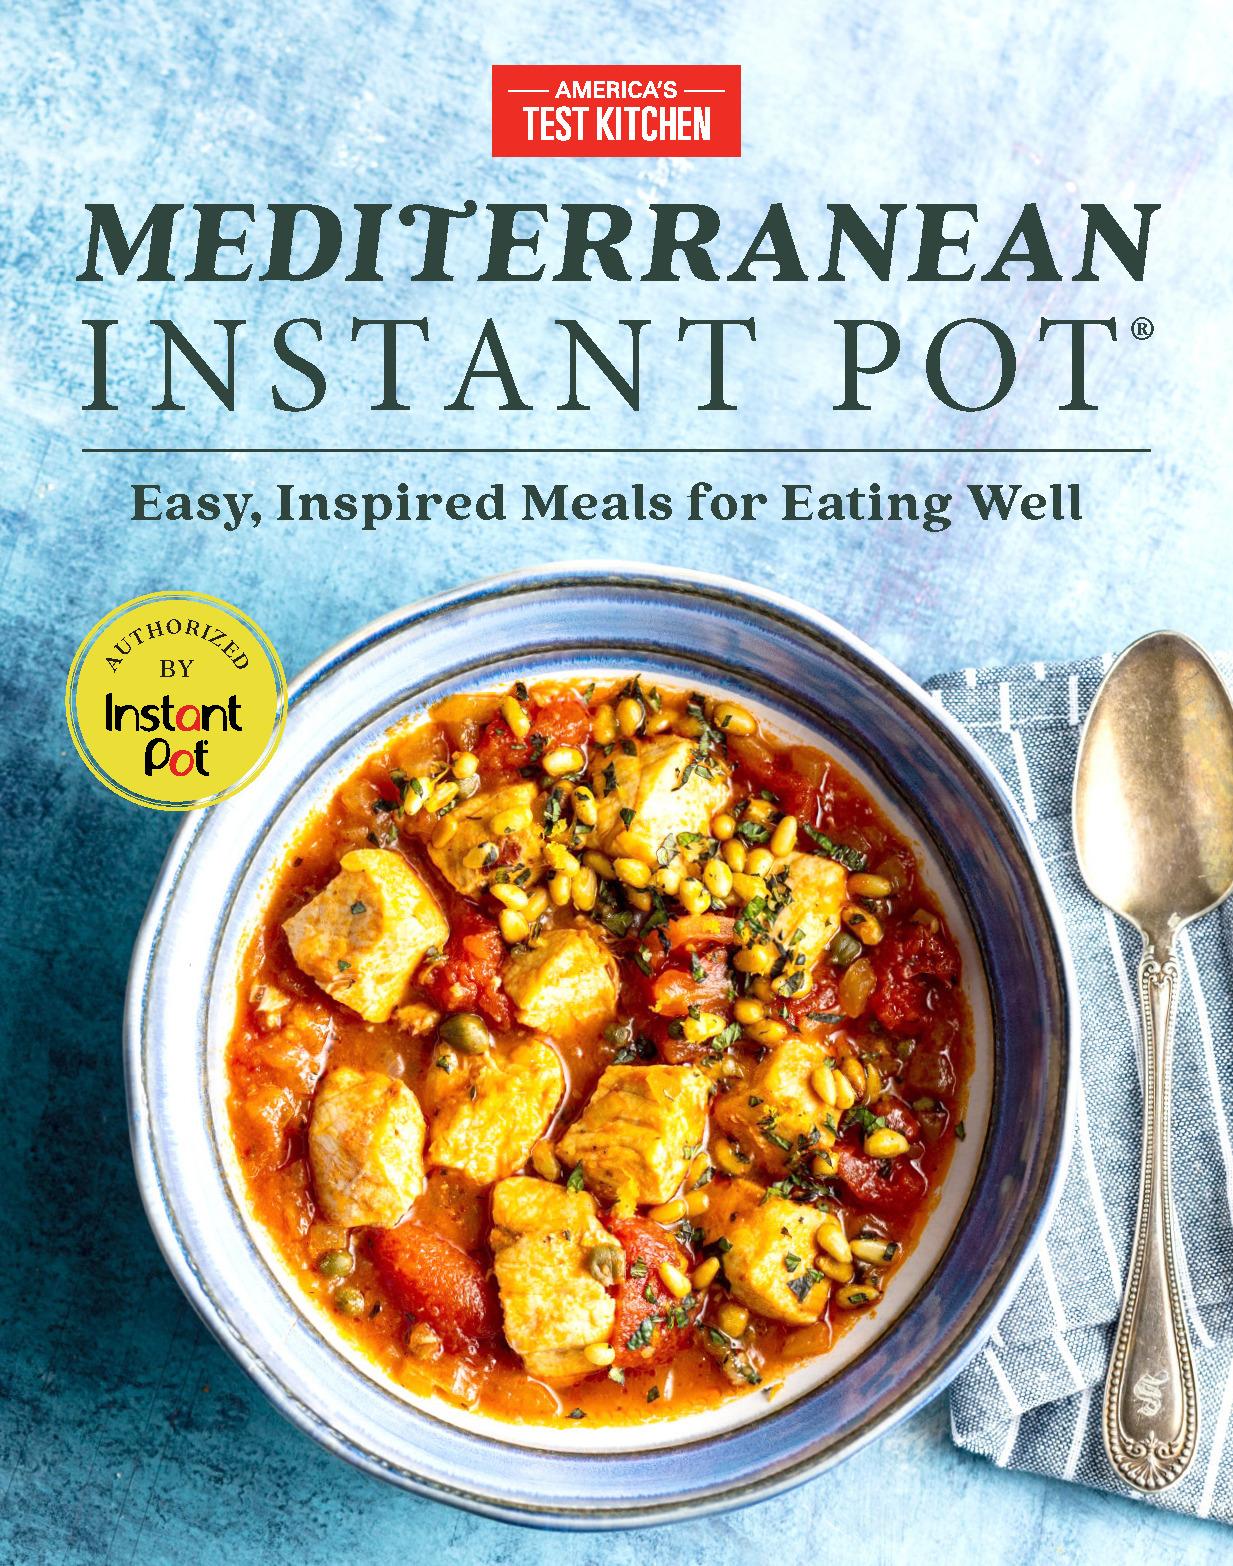 Mediterranean Instant Pot Cookbook by America's Test Kitchen